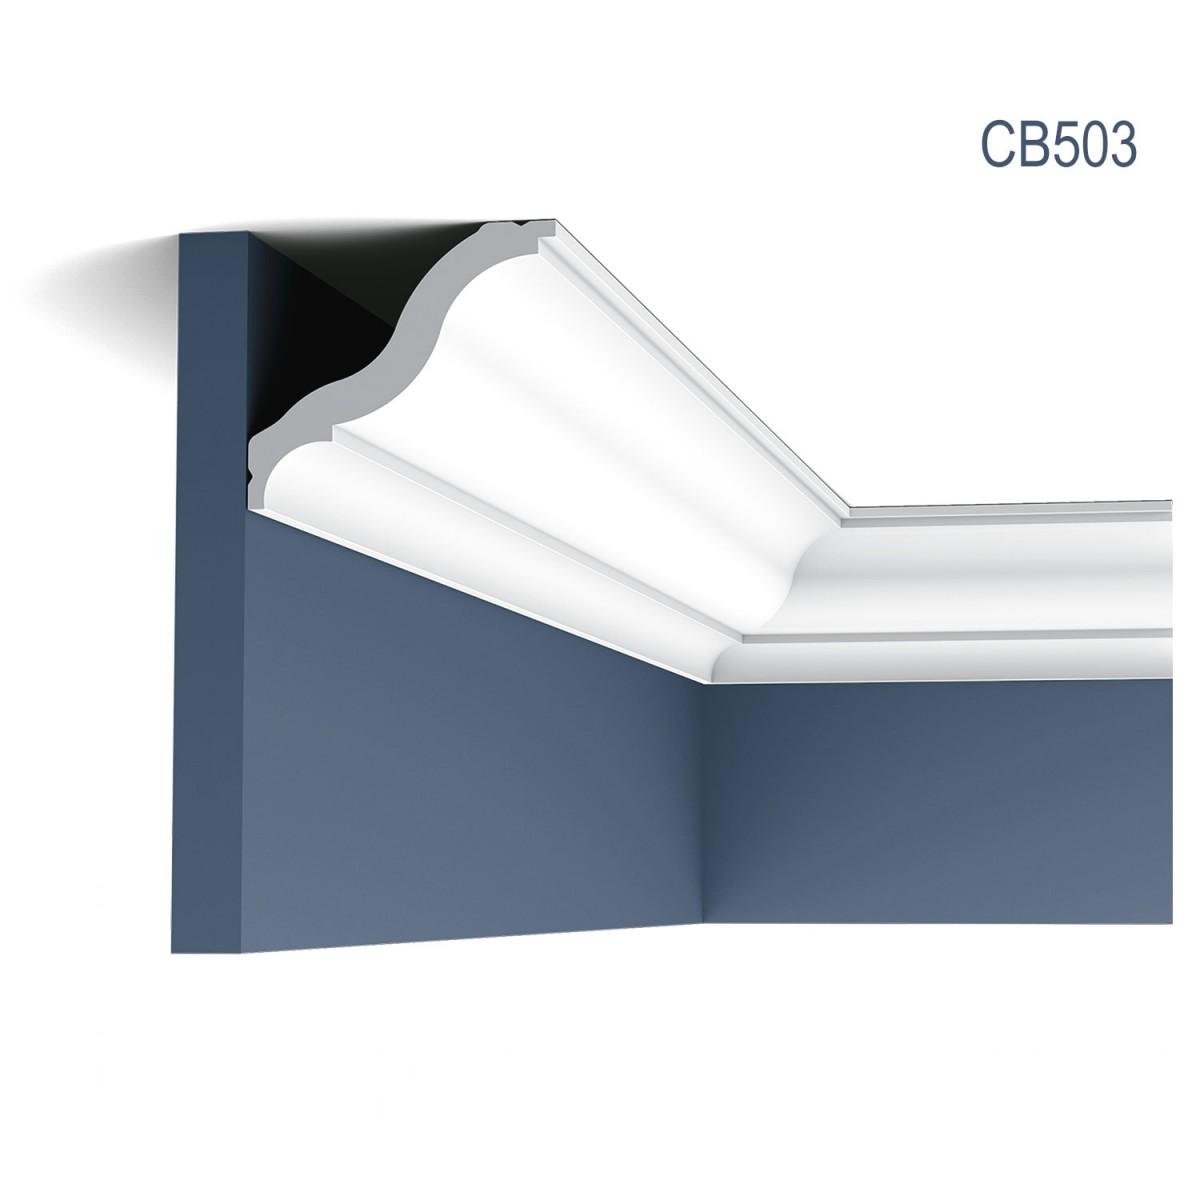 Cornisa Basixx CB503, Dimensiuni: 200 X 8.2 X 9.2 cm, Orac Decor